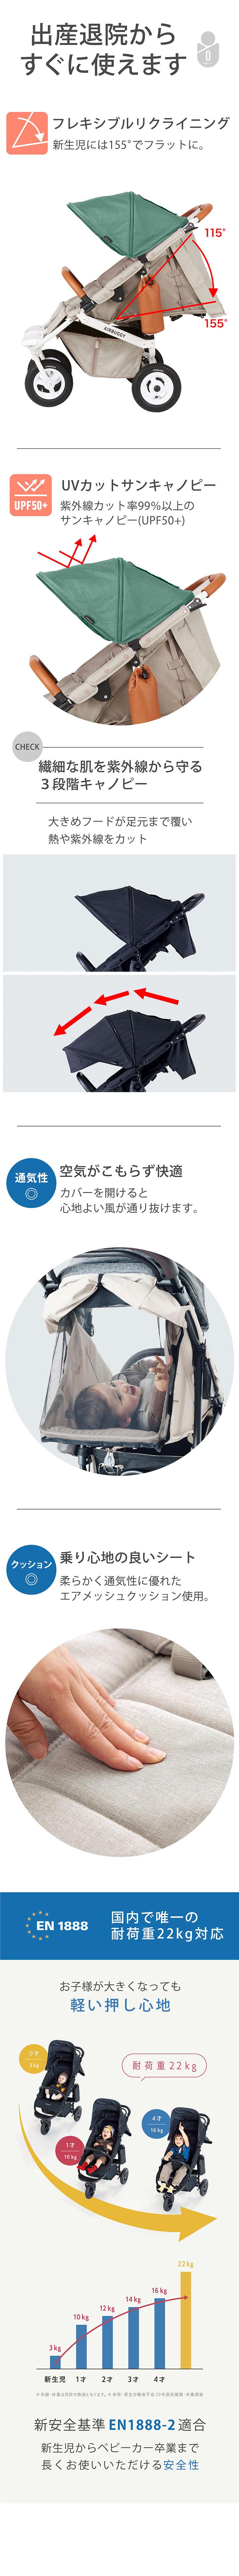 新生児から使えるベビーカーエアバギー「フロムバース ブレーキ付のプレミア」の商品ページ2